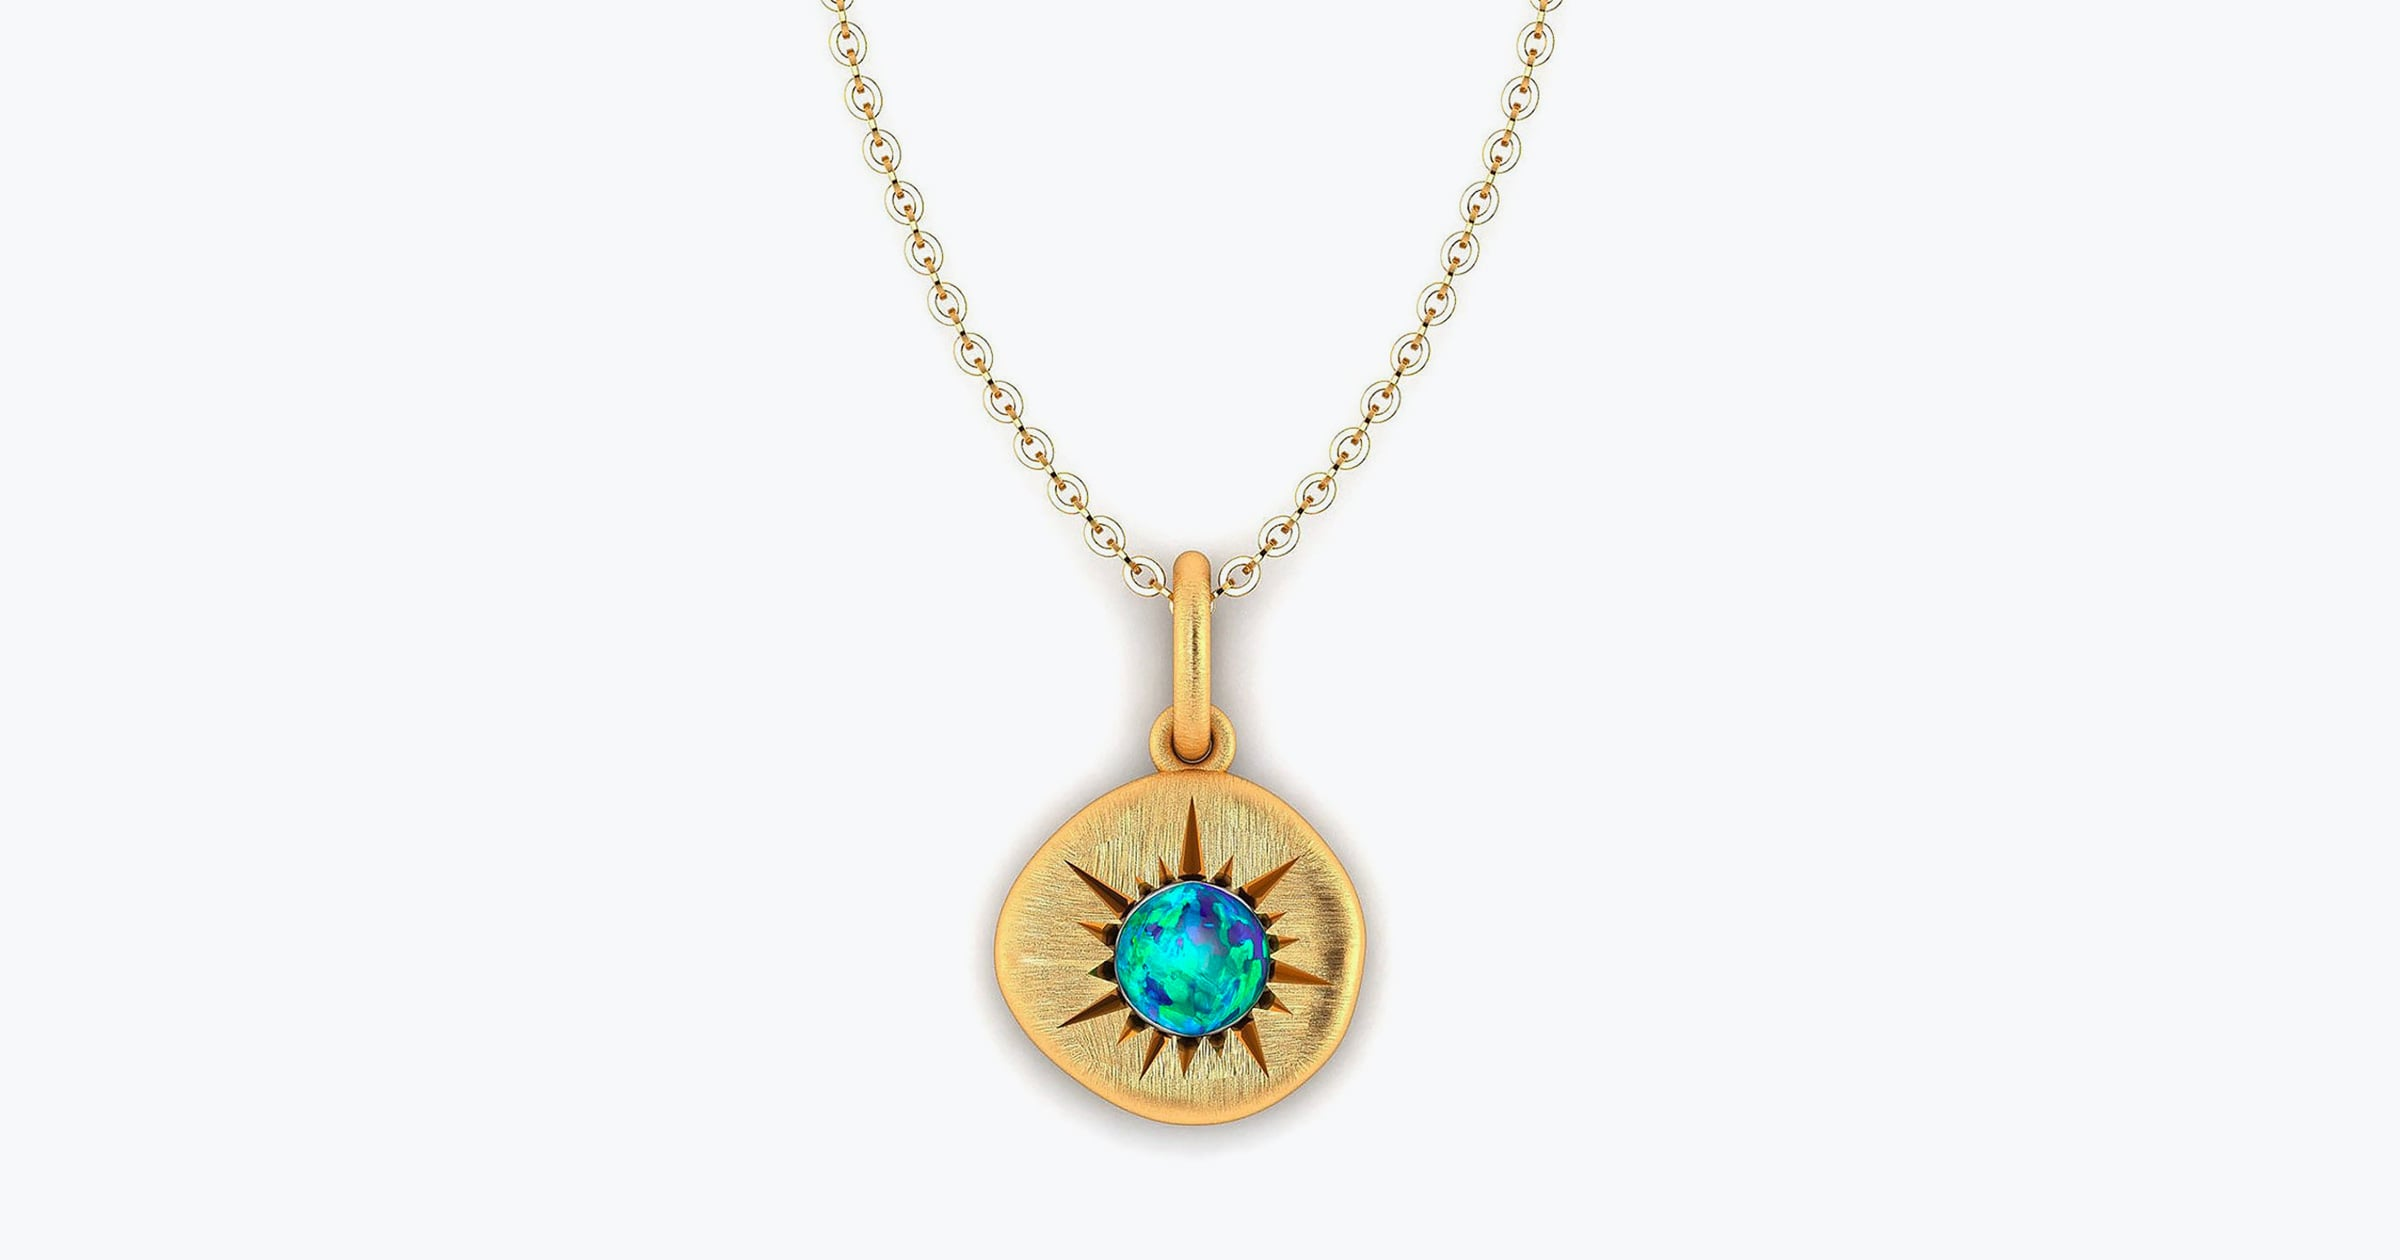 Australian Black Opal Necklace